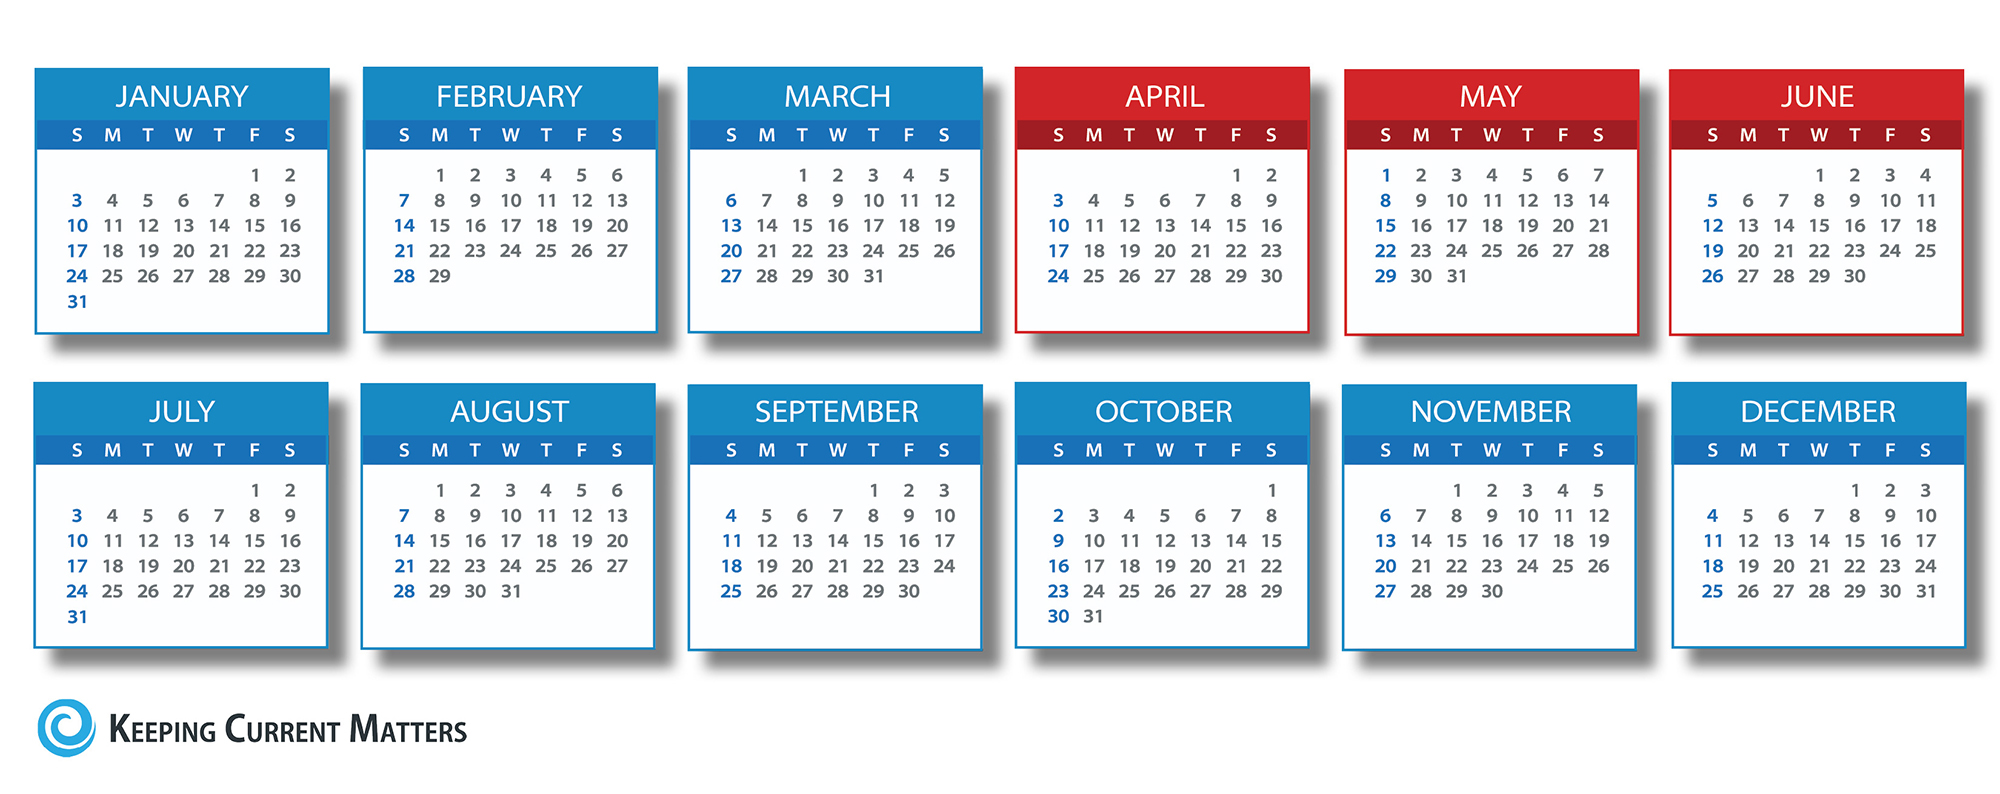 Calendar-2016-Listing-Dates-KCM.jpg